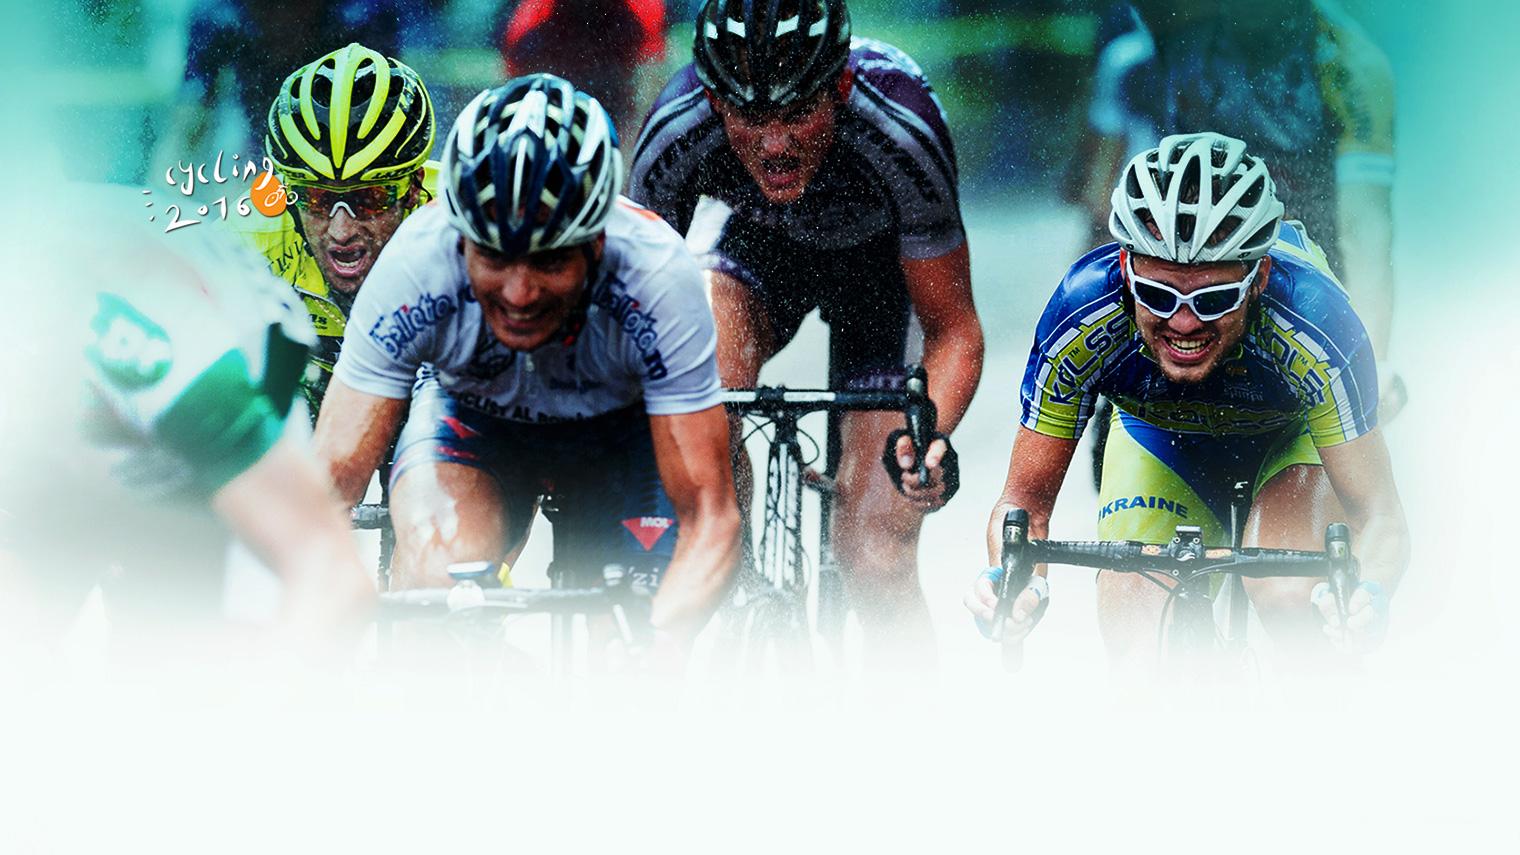 Savurează cea mai prestigioasă competiție a ciclismului!